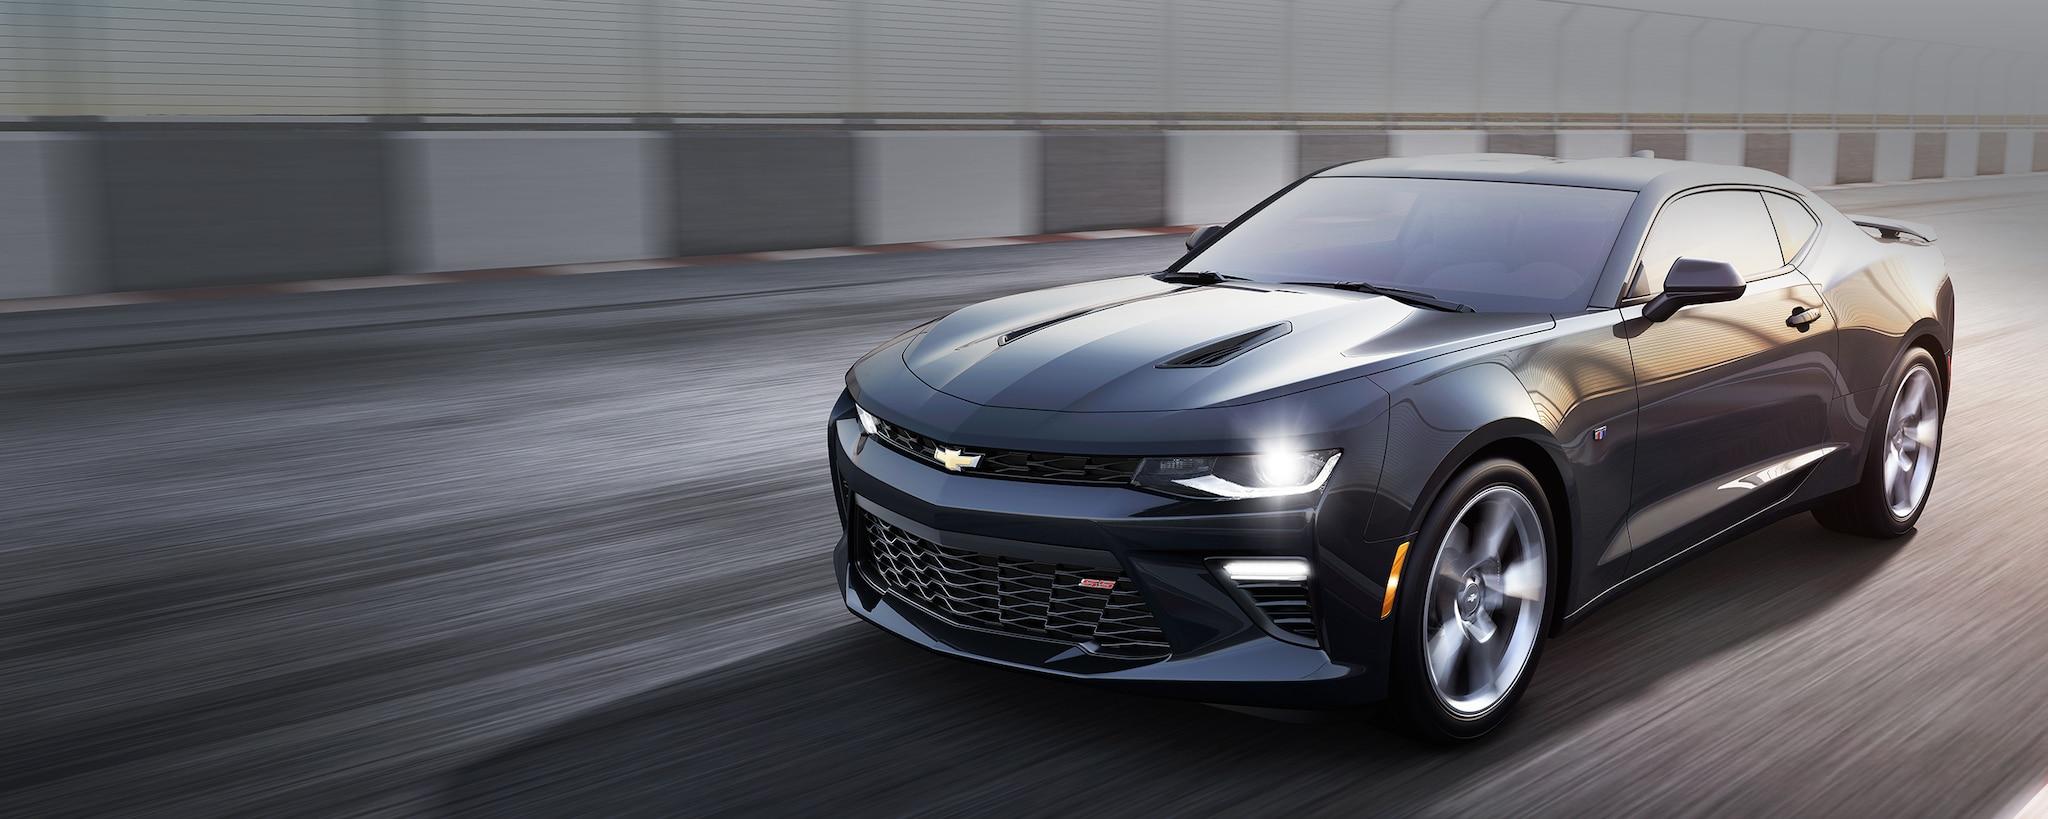 Camaro SS: Características del desempeño: | Chevrolet